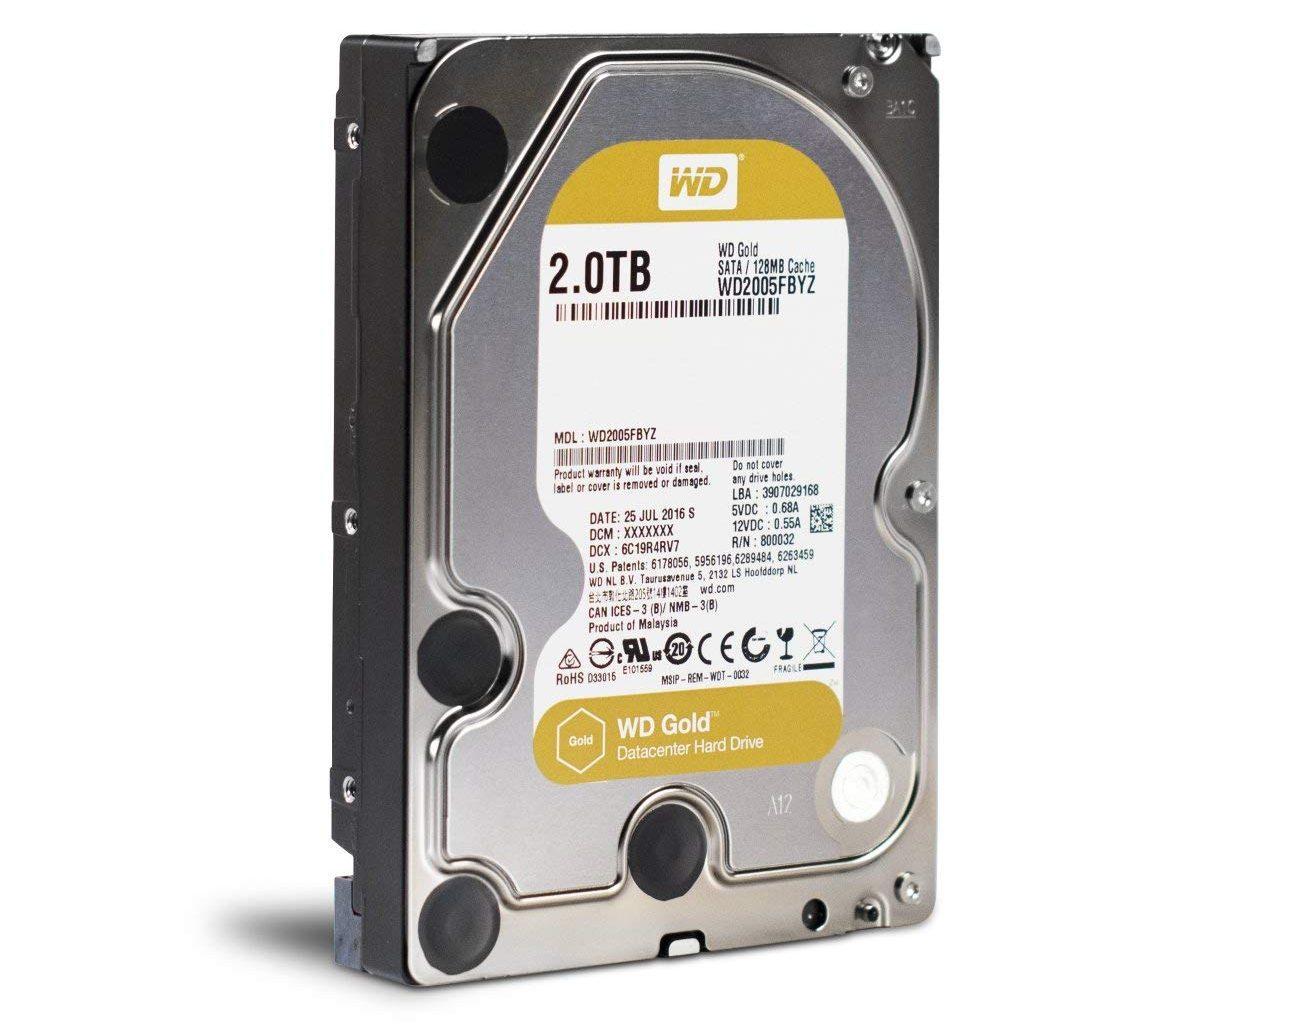 ổ cứng HDD WD2005FBYZ